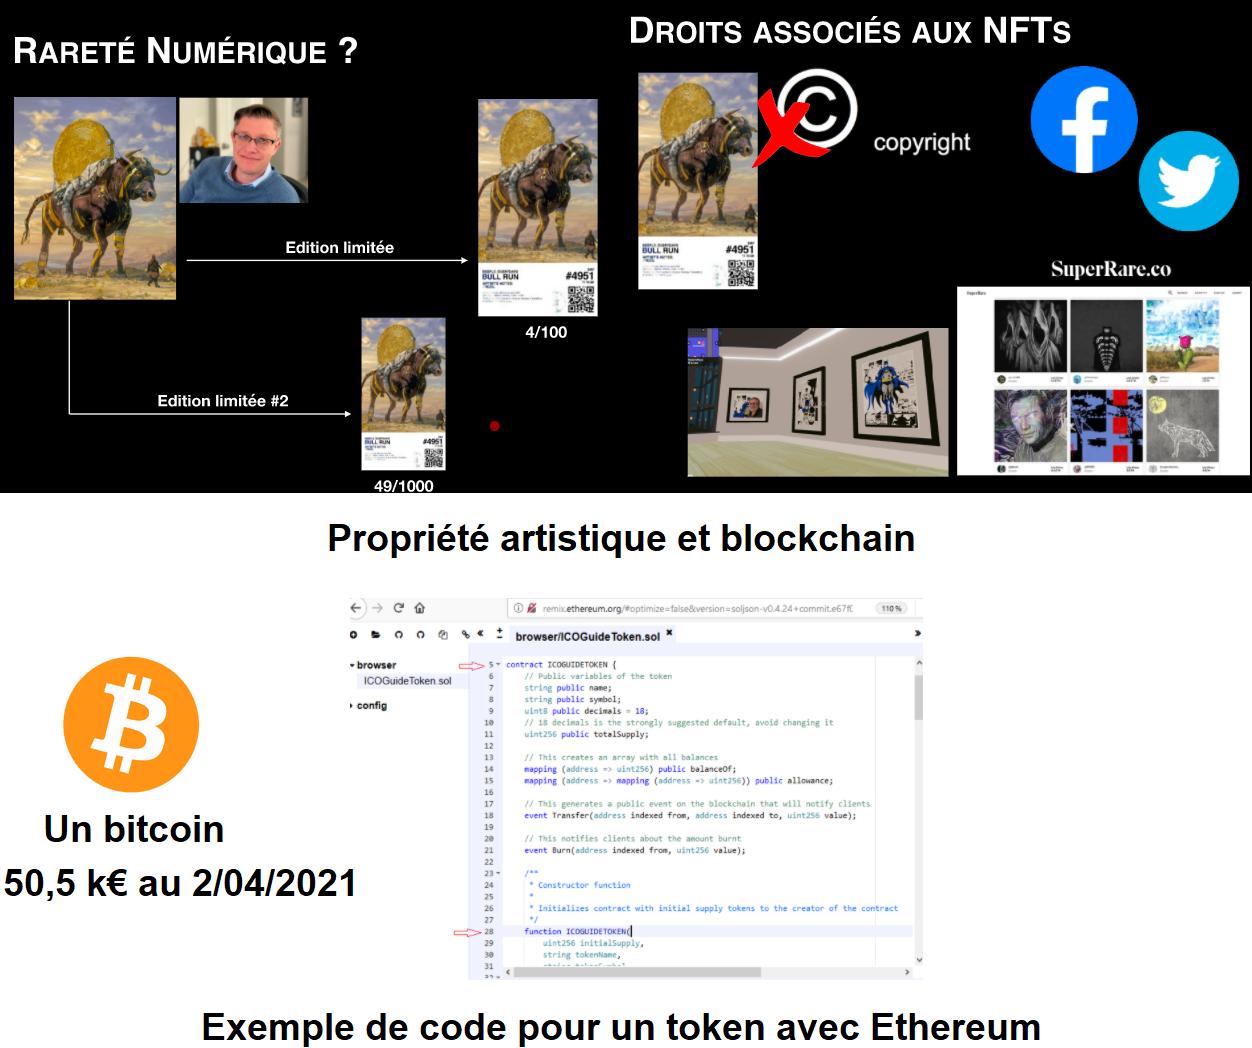 Différents aspects de la blockchain, exemple de l'art et certification des oeuvres, bitcoin et exemple de token